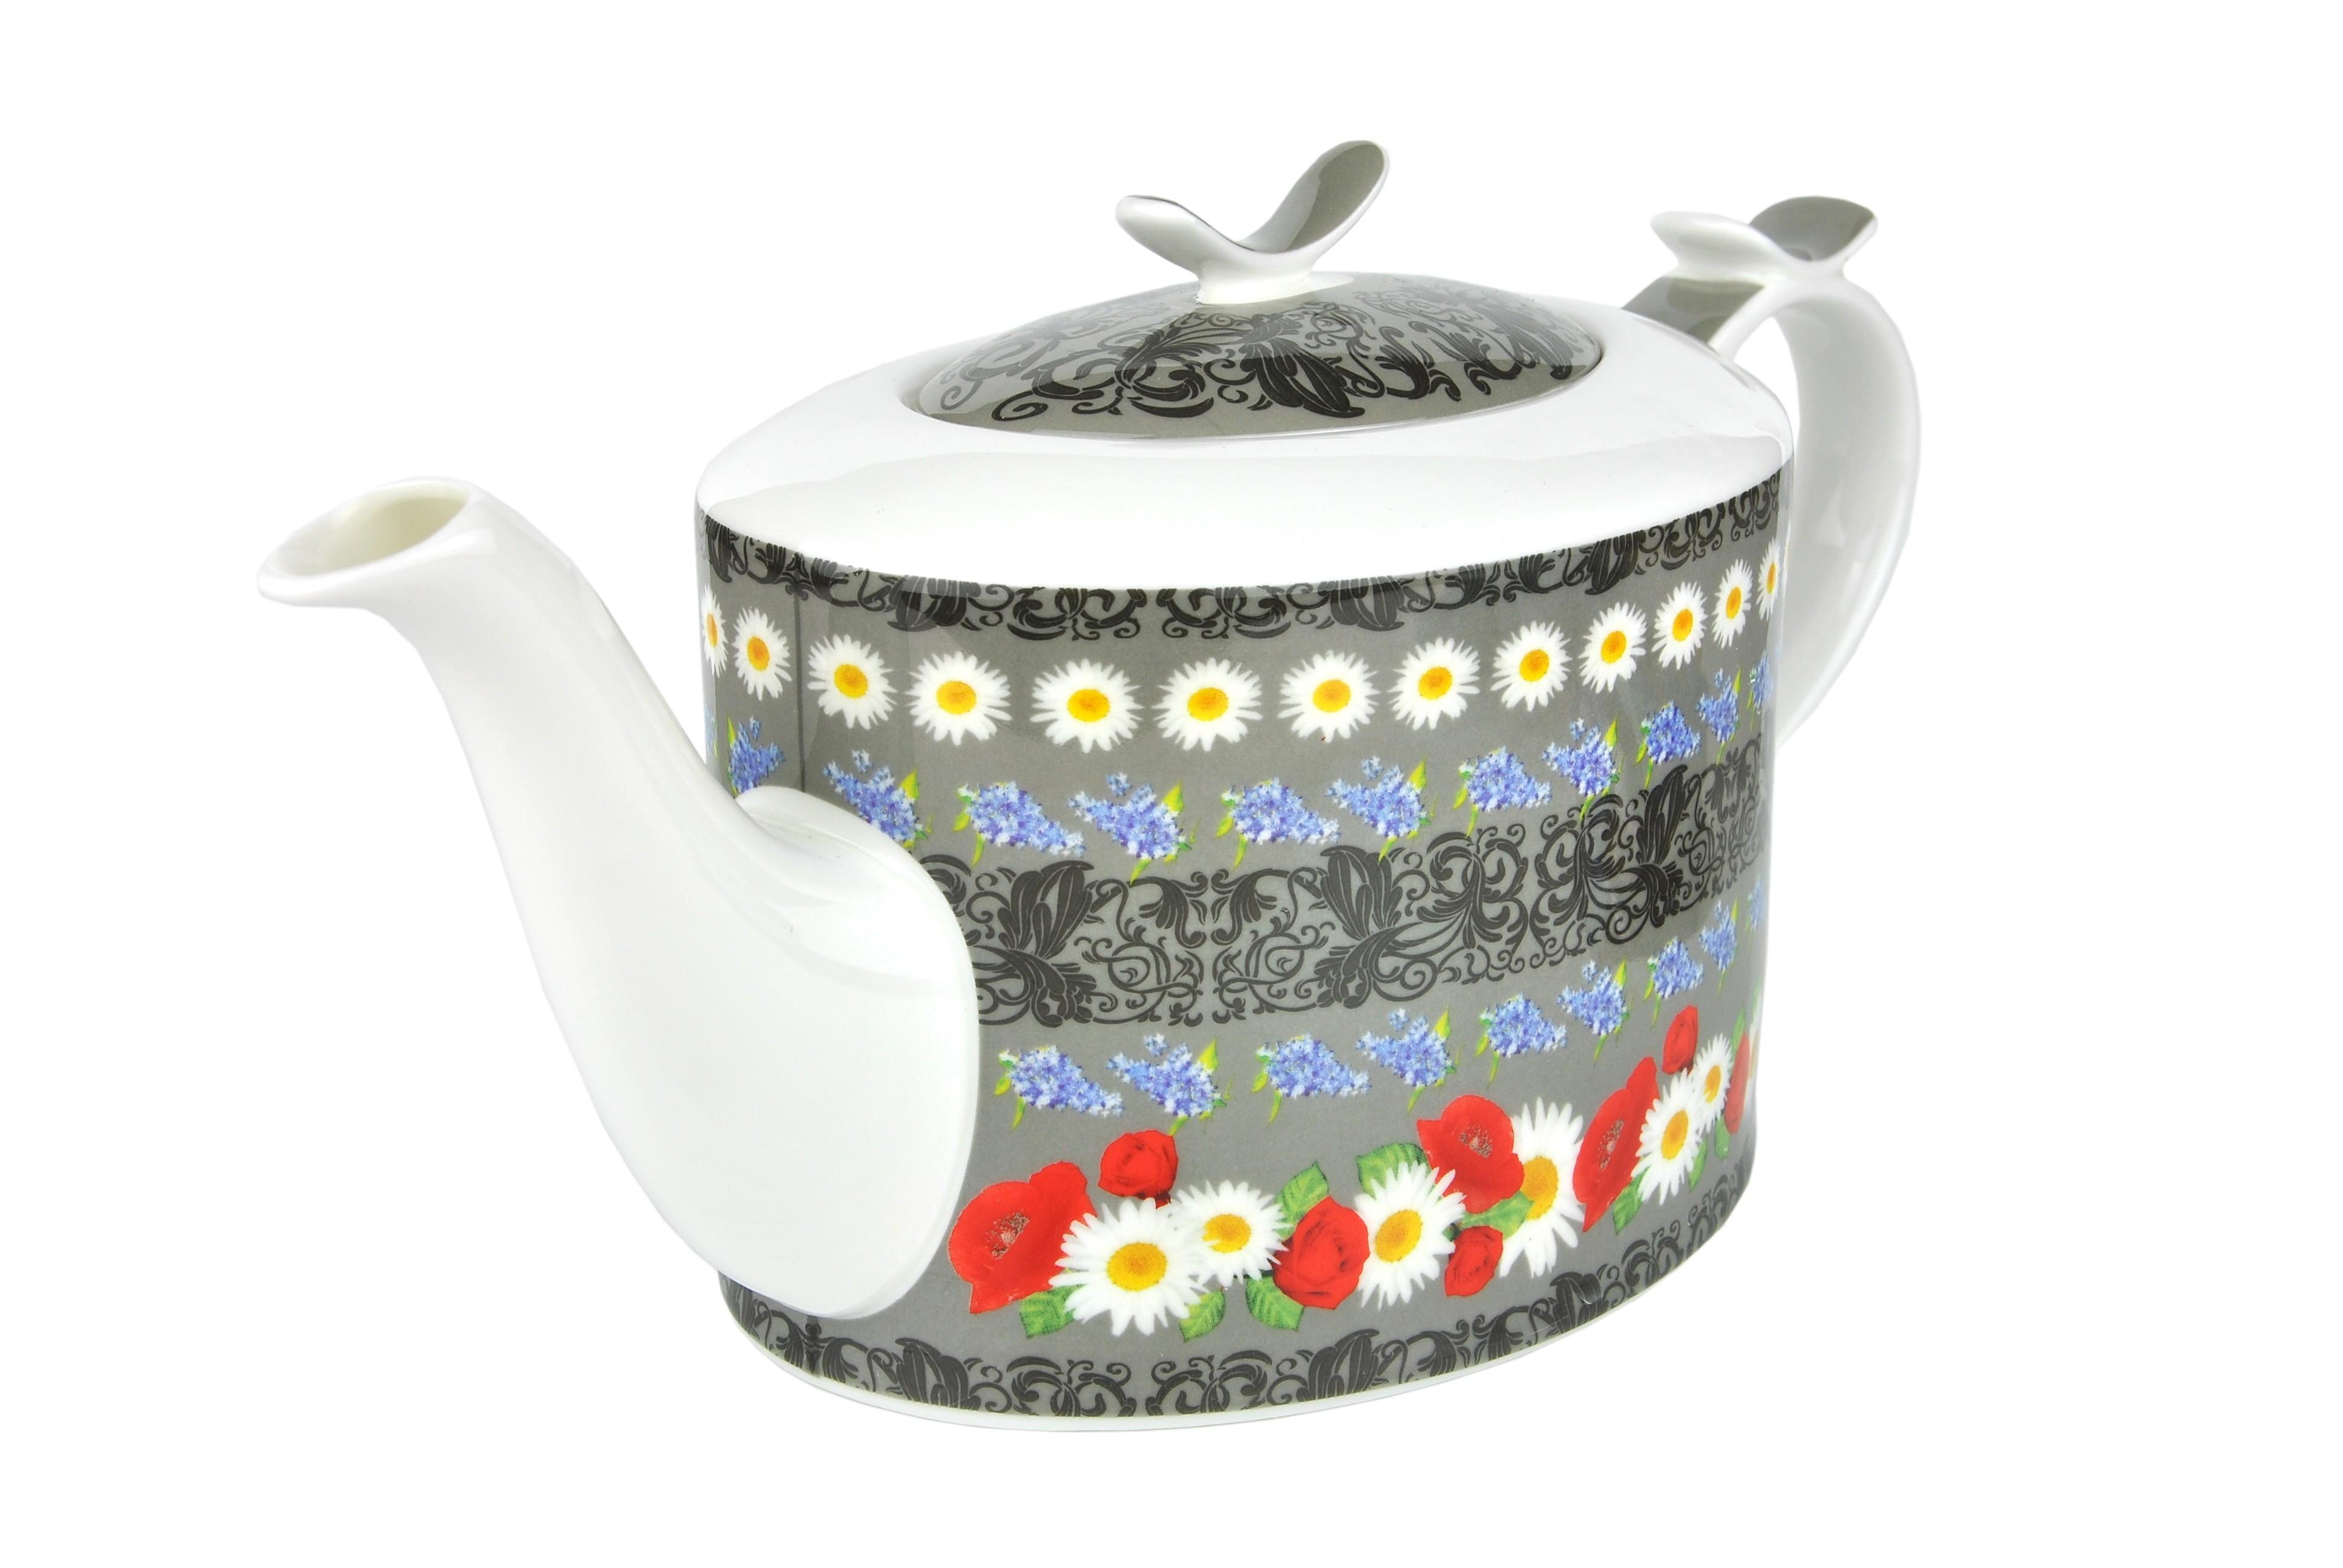 Teekanne Modern teekanne modern cool u tailor teeset teekanne mit